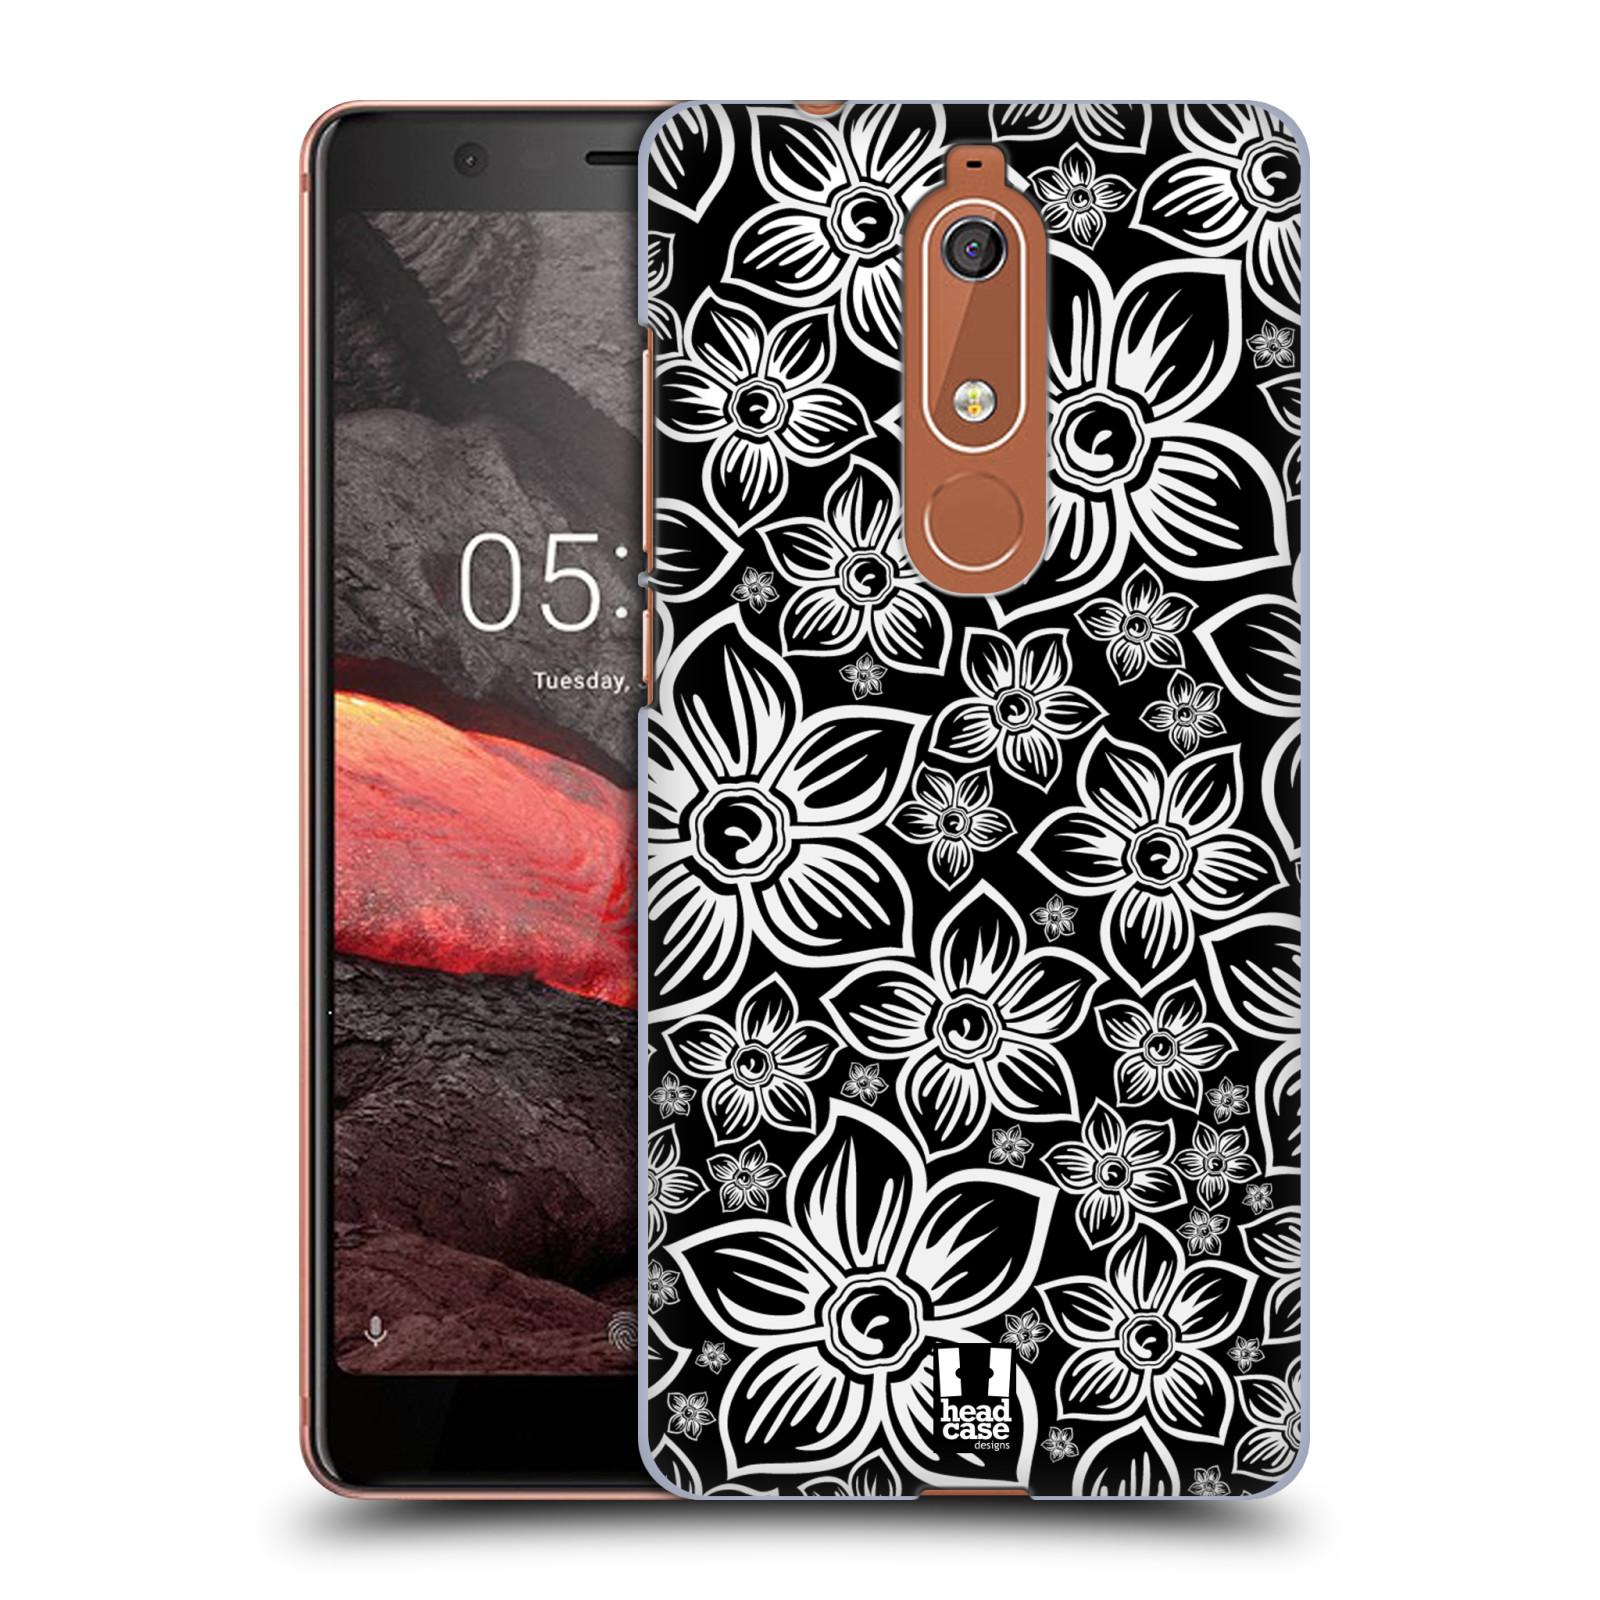 Plastové pouzdro na mobil Nokia 5.1 - Head Case - FLORAL DAISY